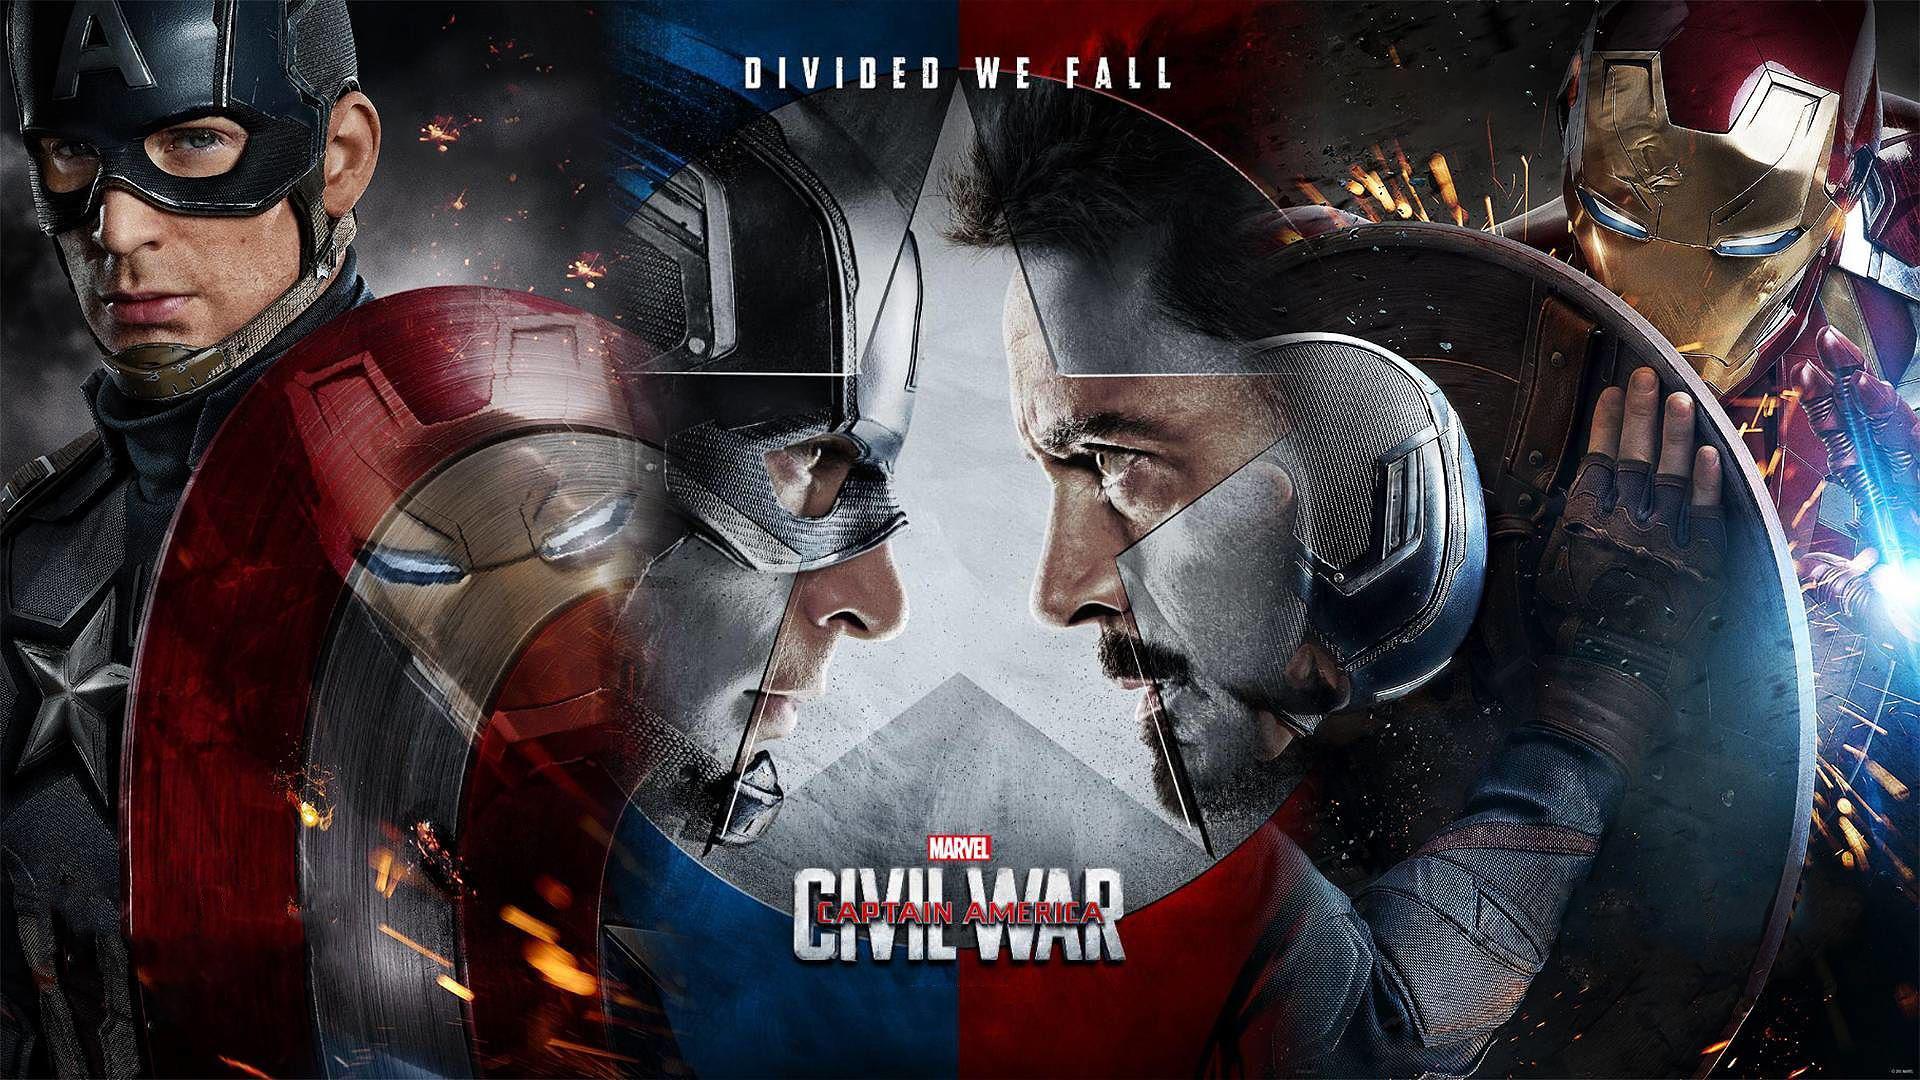 Captain America Civil War Wallpapers HD 1920x1080